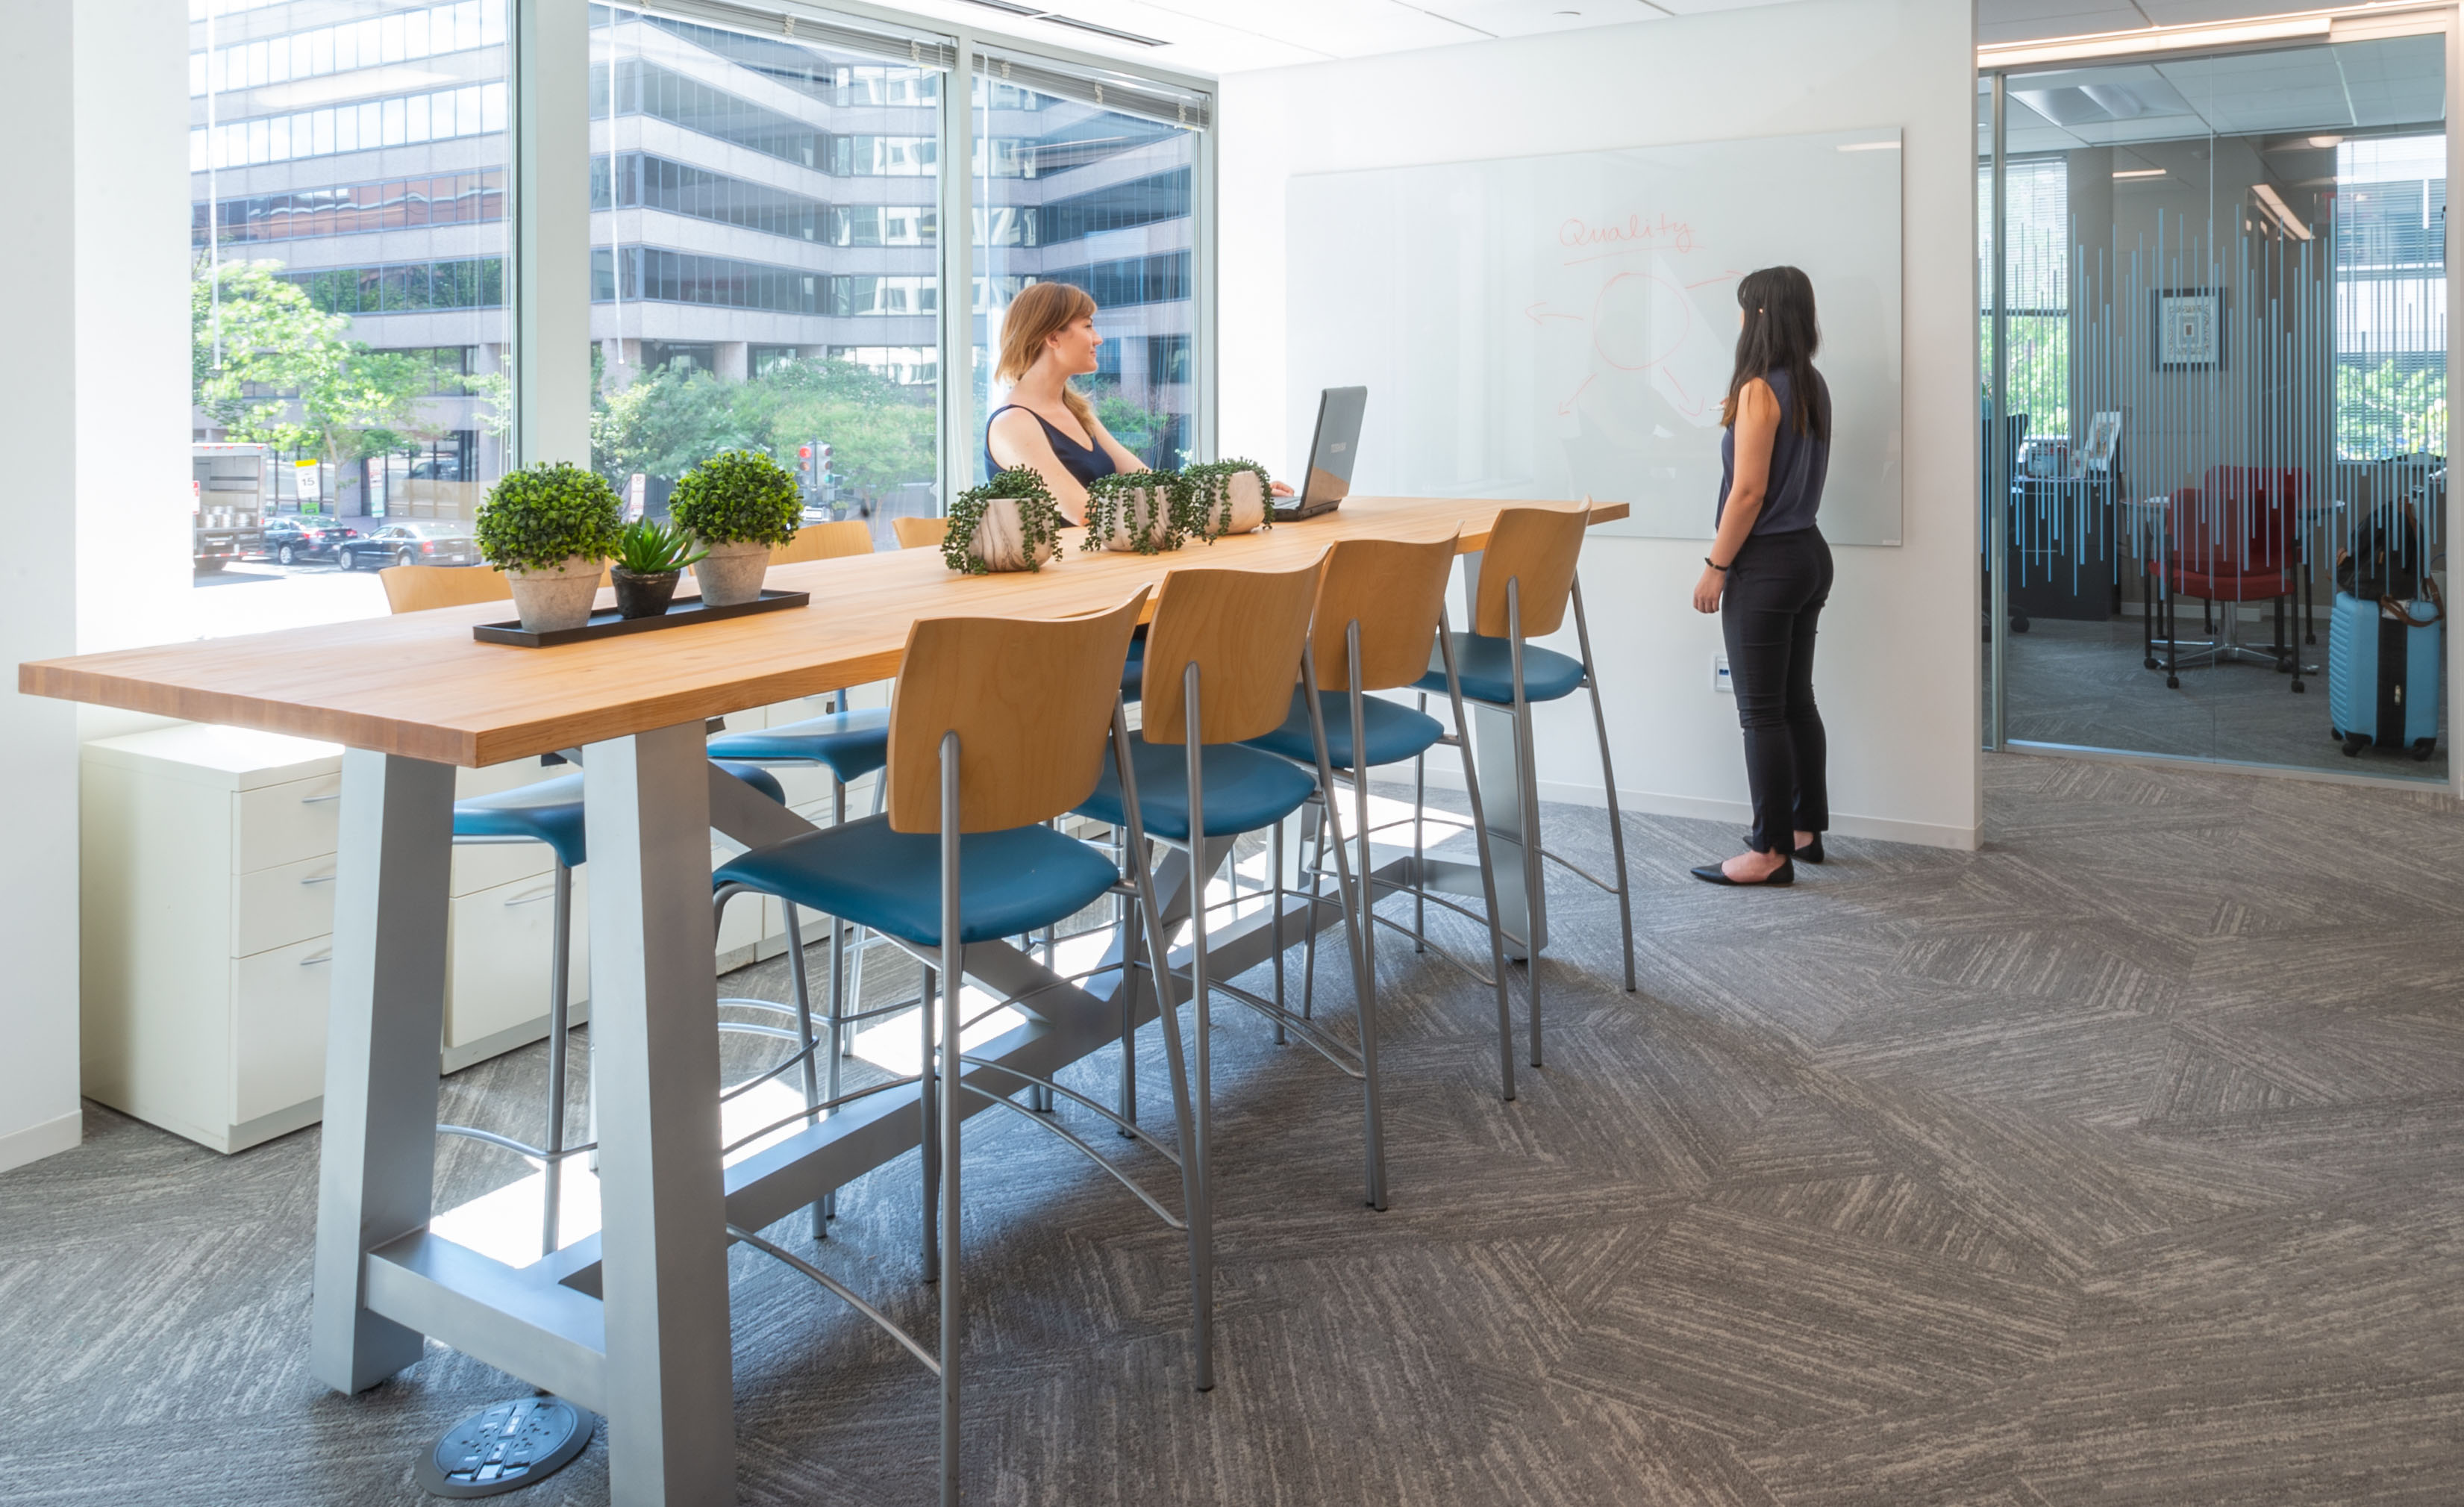 interior design services washington dc jobs